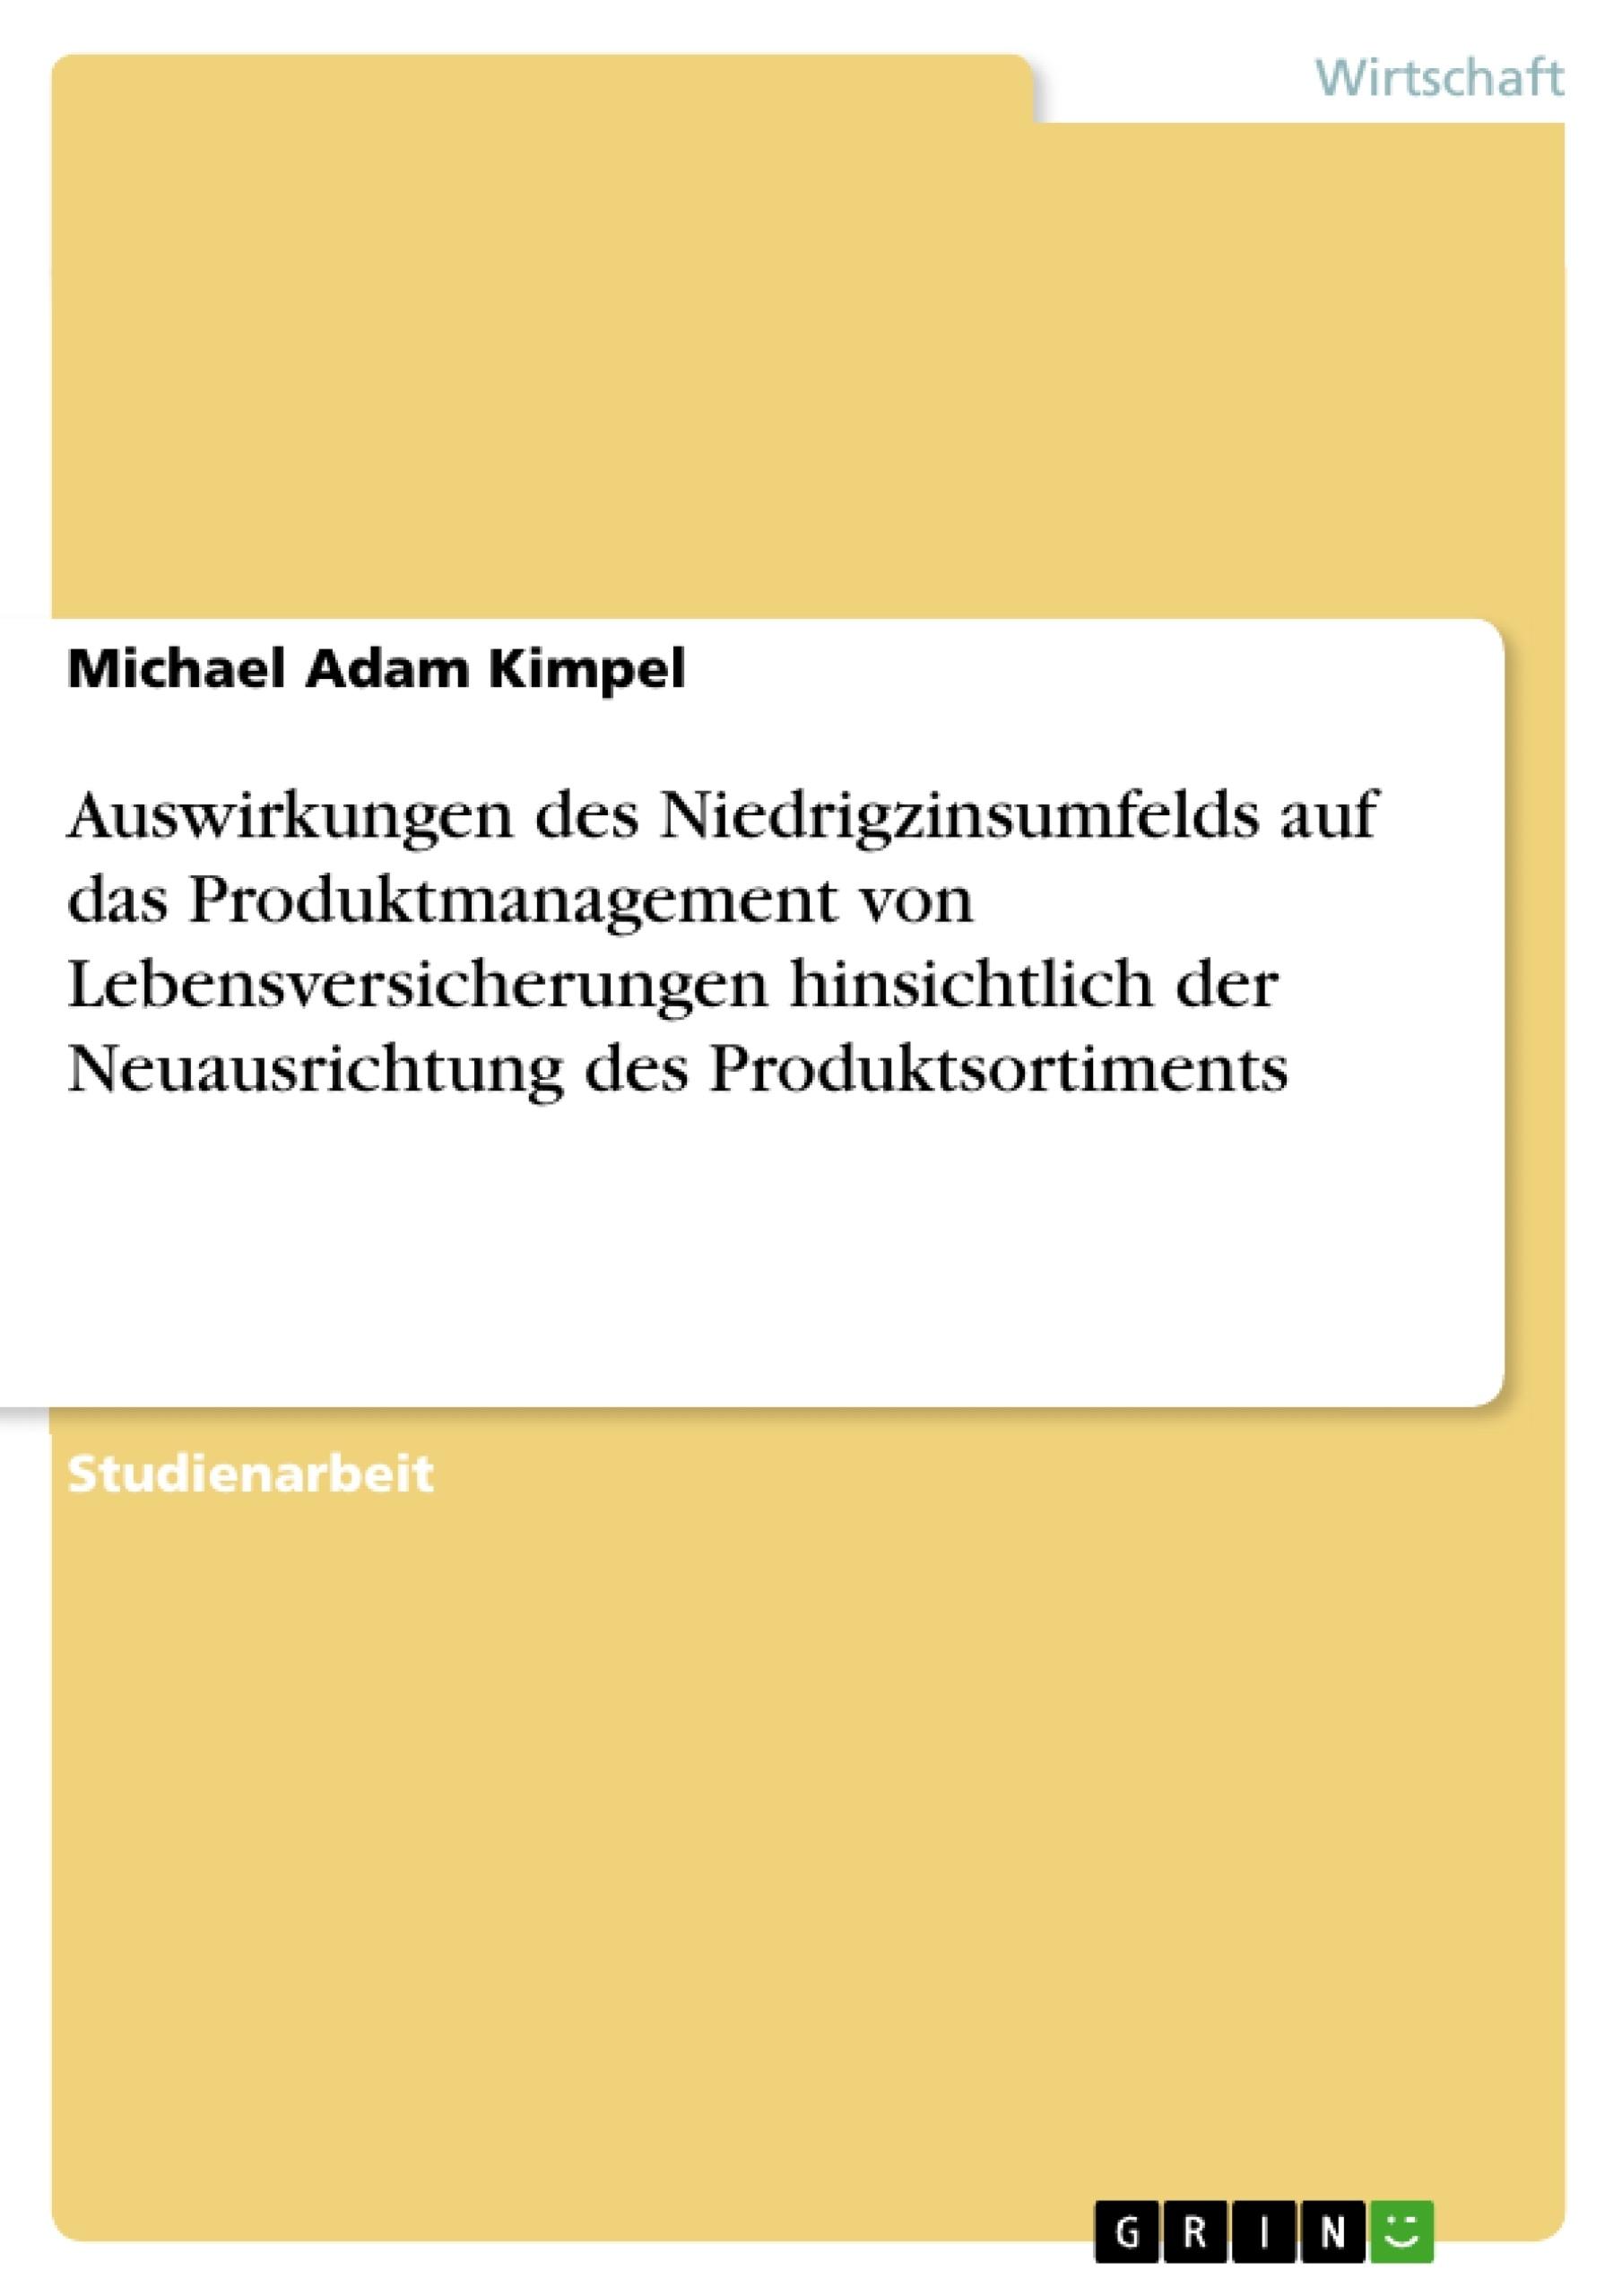 Titel: Auswirkungen des Niedrigzinsumfelds auf das Produktmanagement von Lebensversicherungen hinsichtlich der Neuausrichtung des Produktsortiments